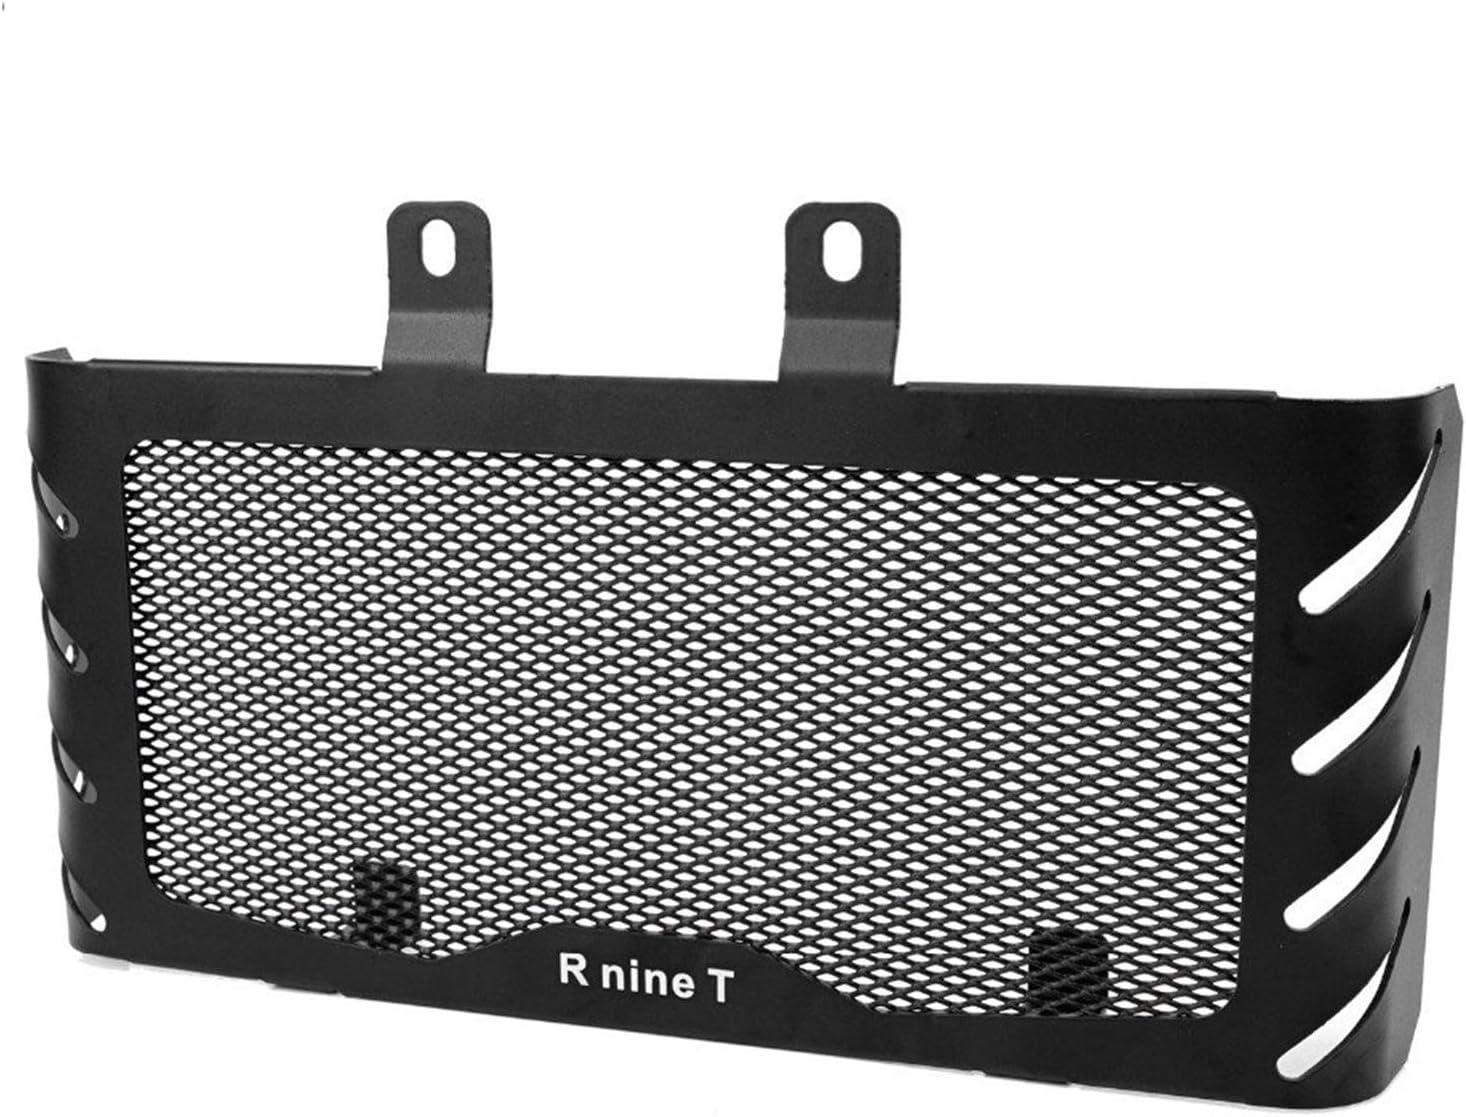 Radiator Cover for famous B-M-W R Max 40% OFF Nine NineT 2013-2018 T RnineT Motor